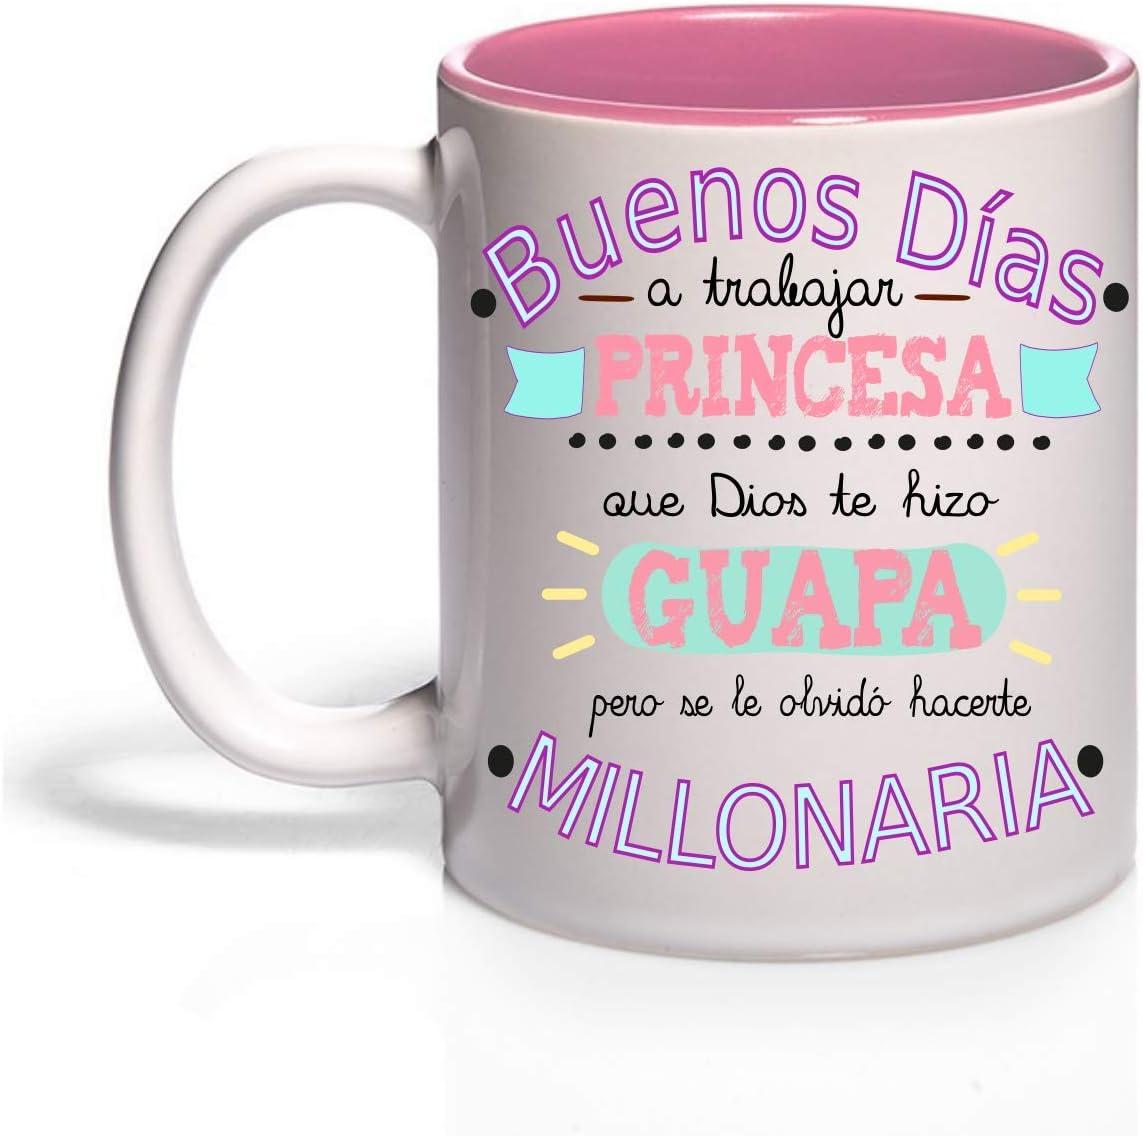 FUNNY CUP Taza Buenos Días Princesa Que Dios te Hizo Guapa Pero se le olvidó hacerte millonaria (Rosa): Amazon.es: Hogar